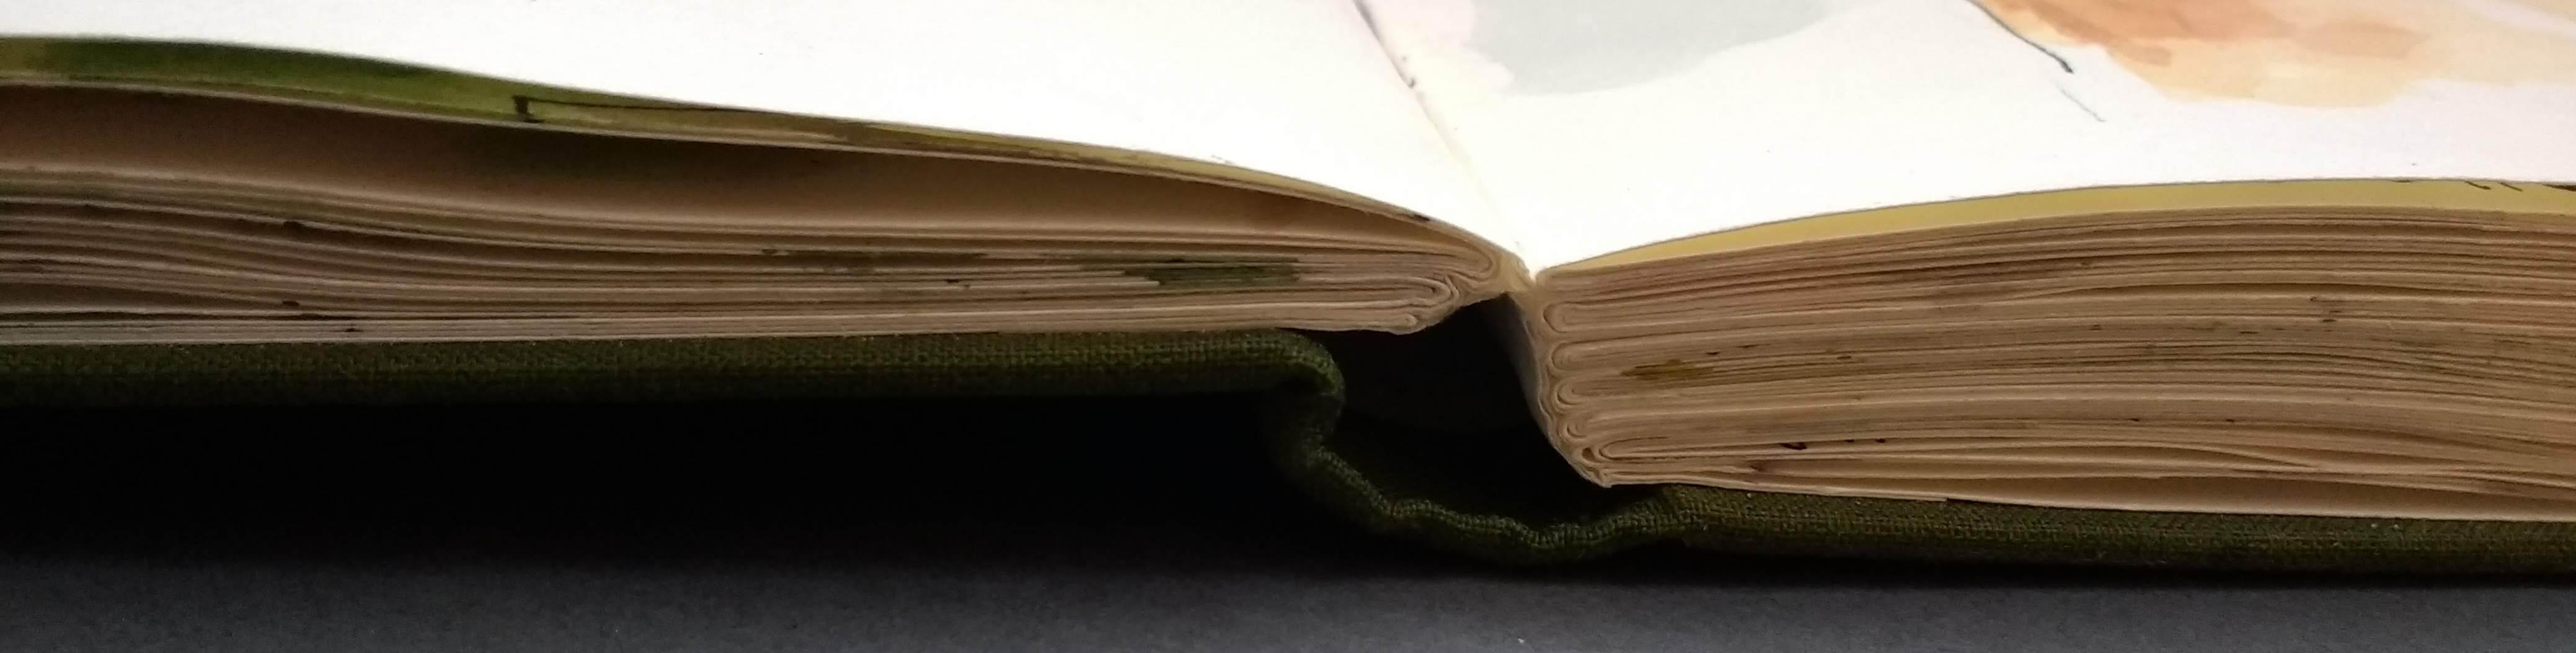 Handbook Journal